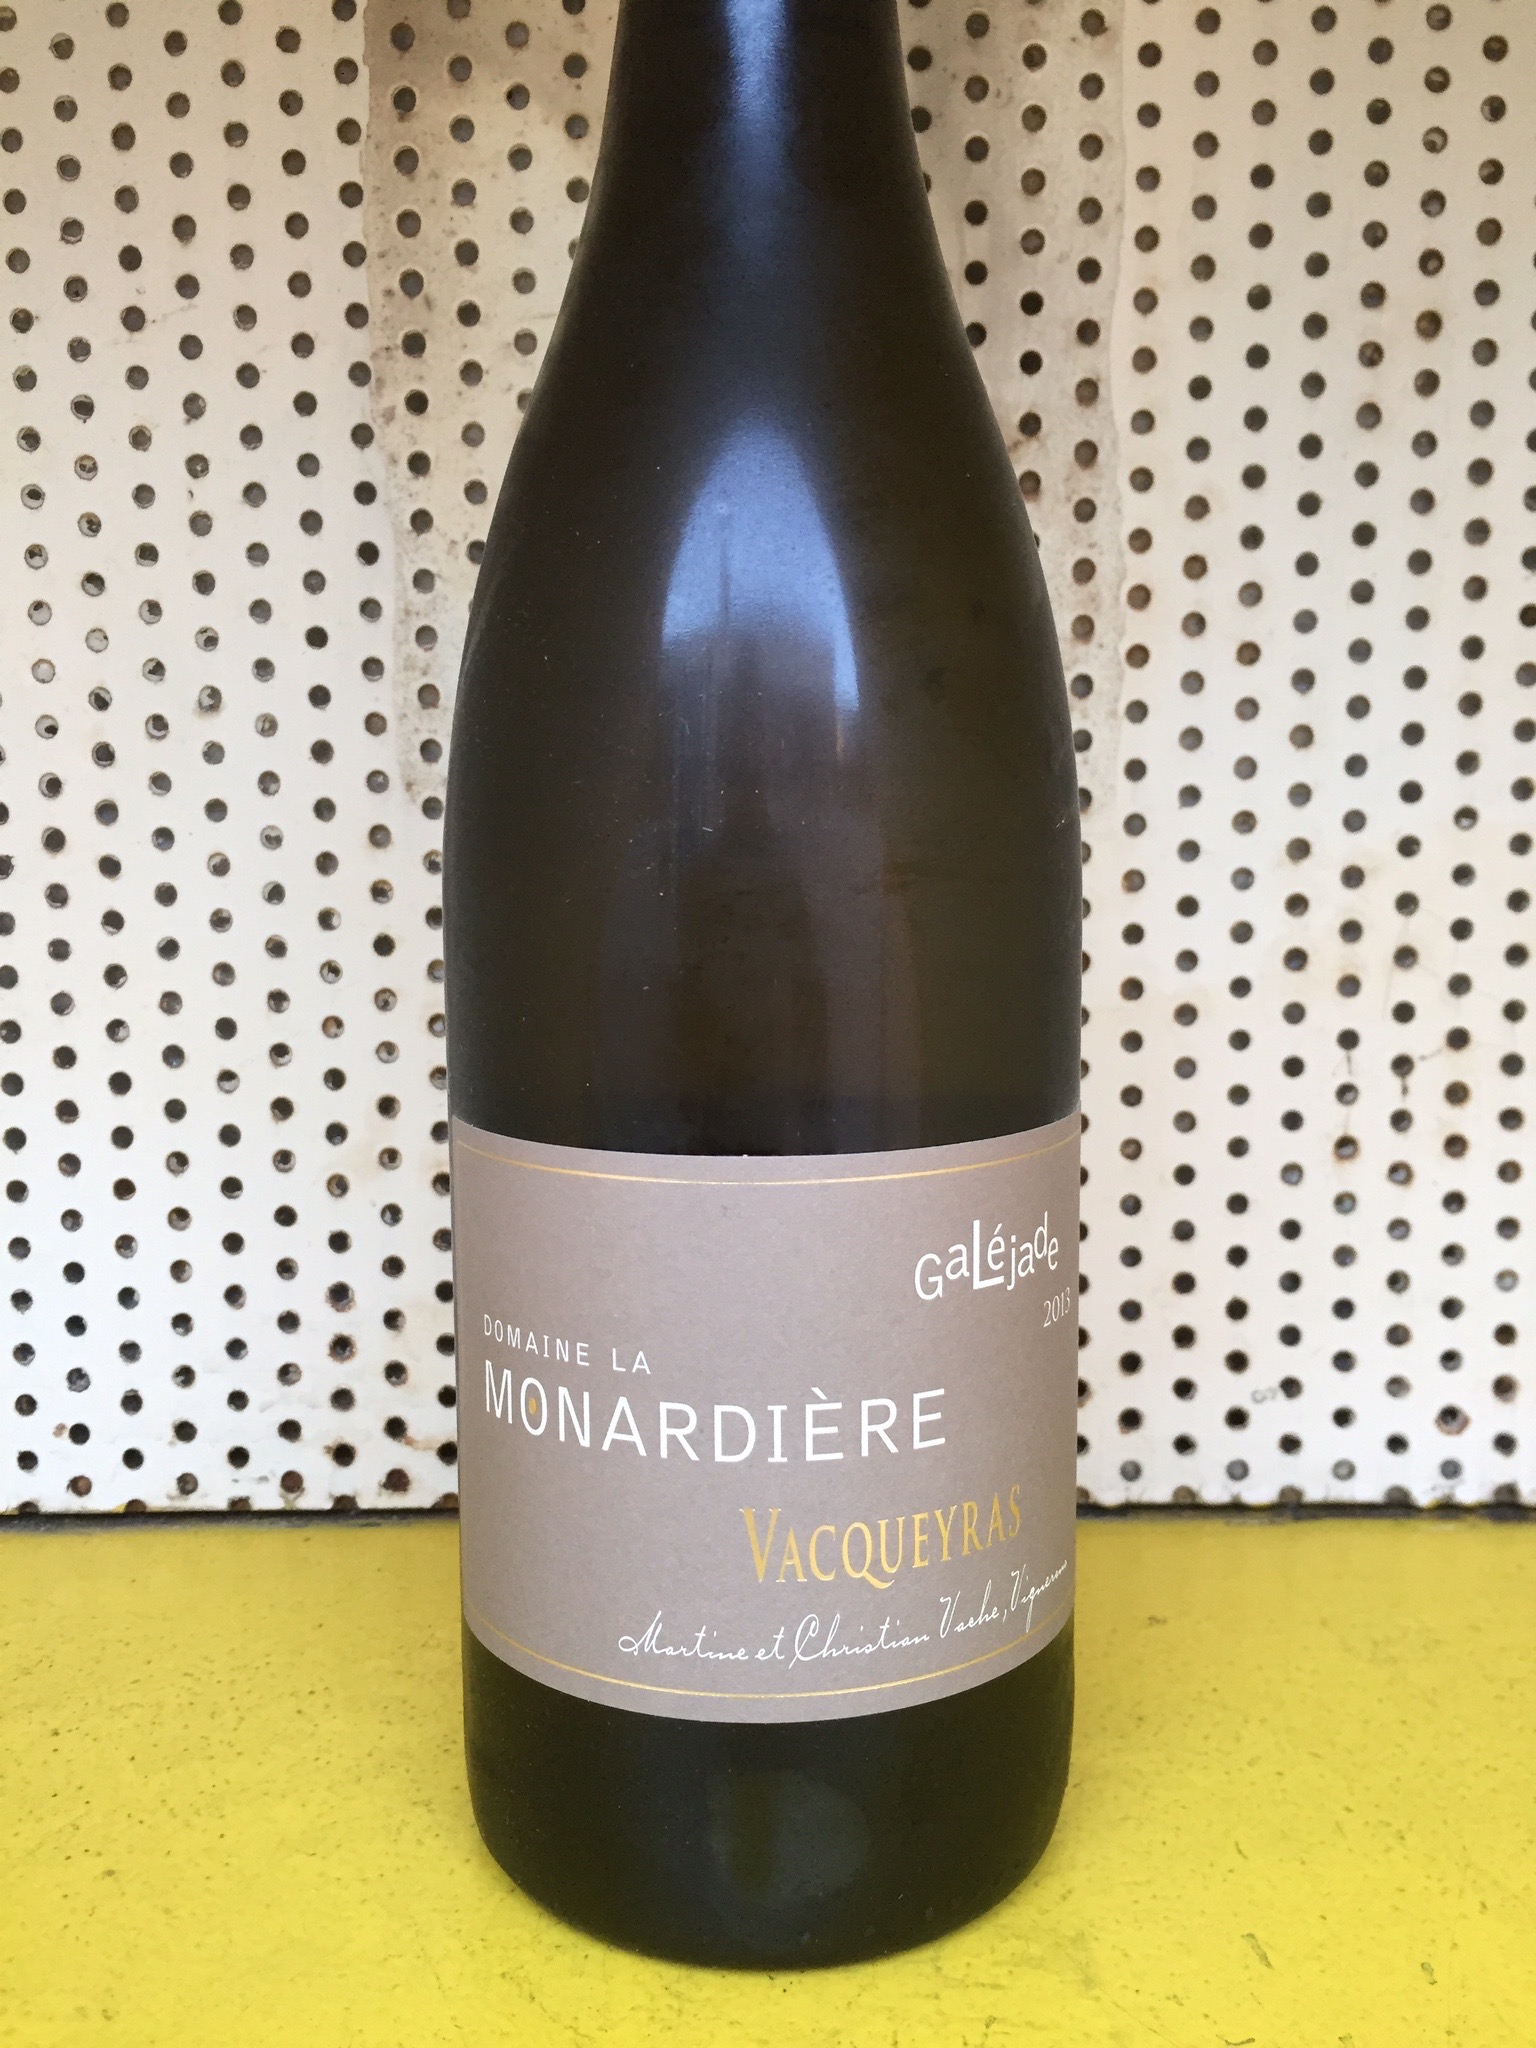 Rhône/ Monardière/ Vache/ Galéjade